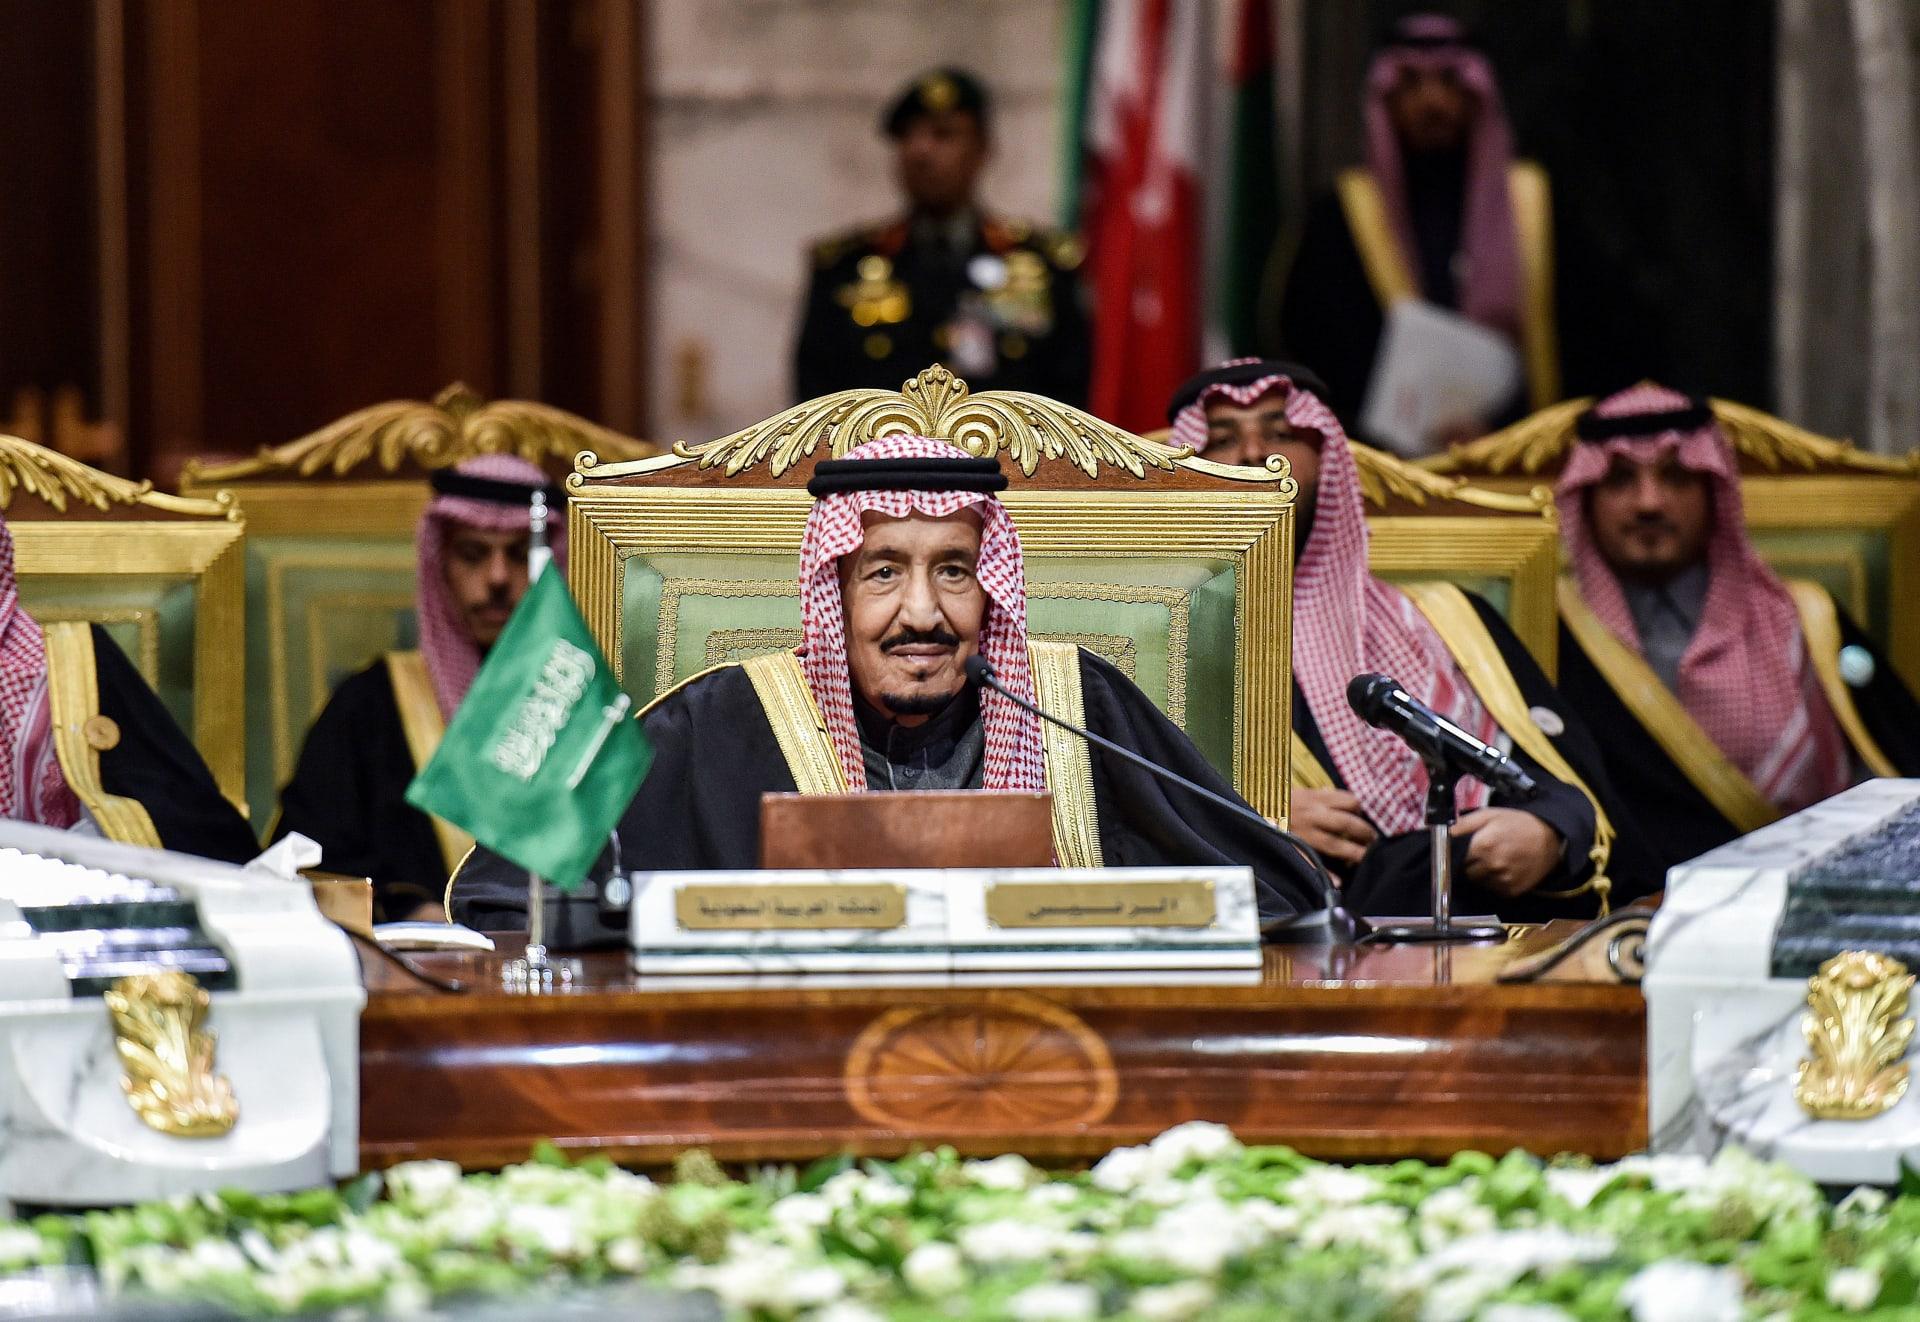 منها حسم بقيمة فواتير الكهرباء.. الملك سلمان يوافق على 5 مبادرات لدعم النشاط الاقتصادي والقطاع الخاص في السعودية